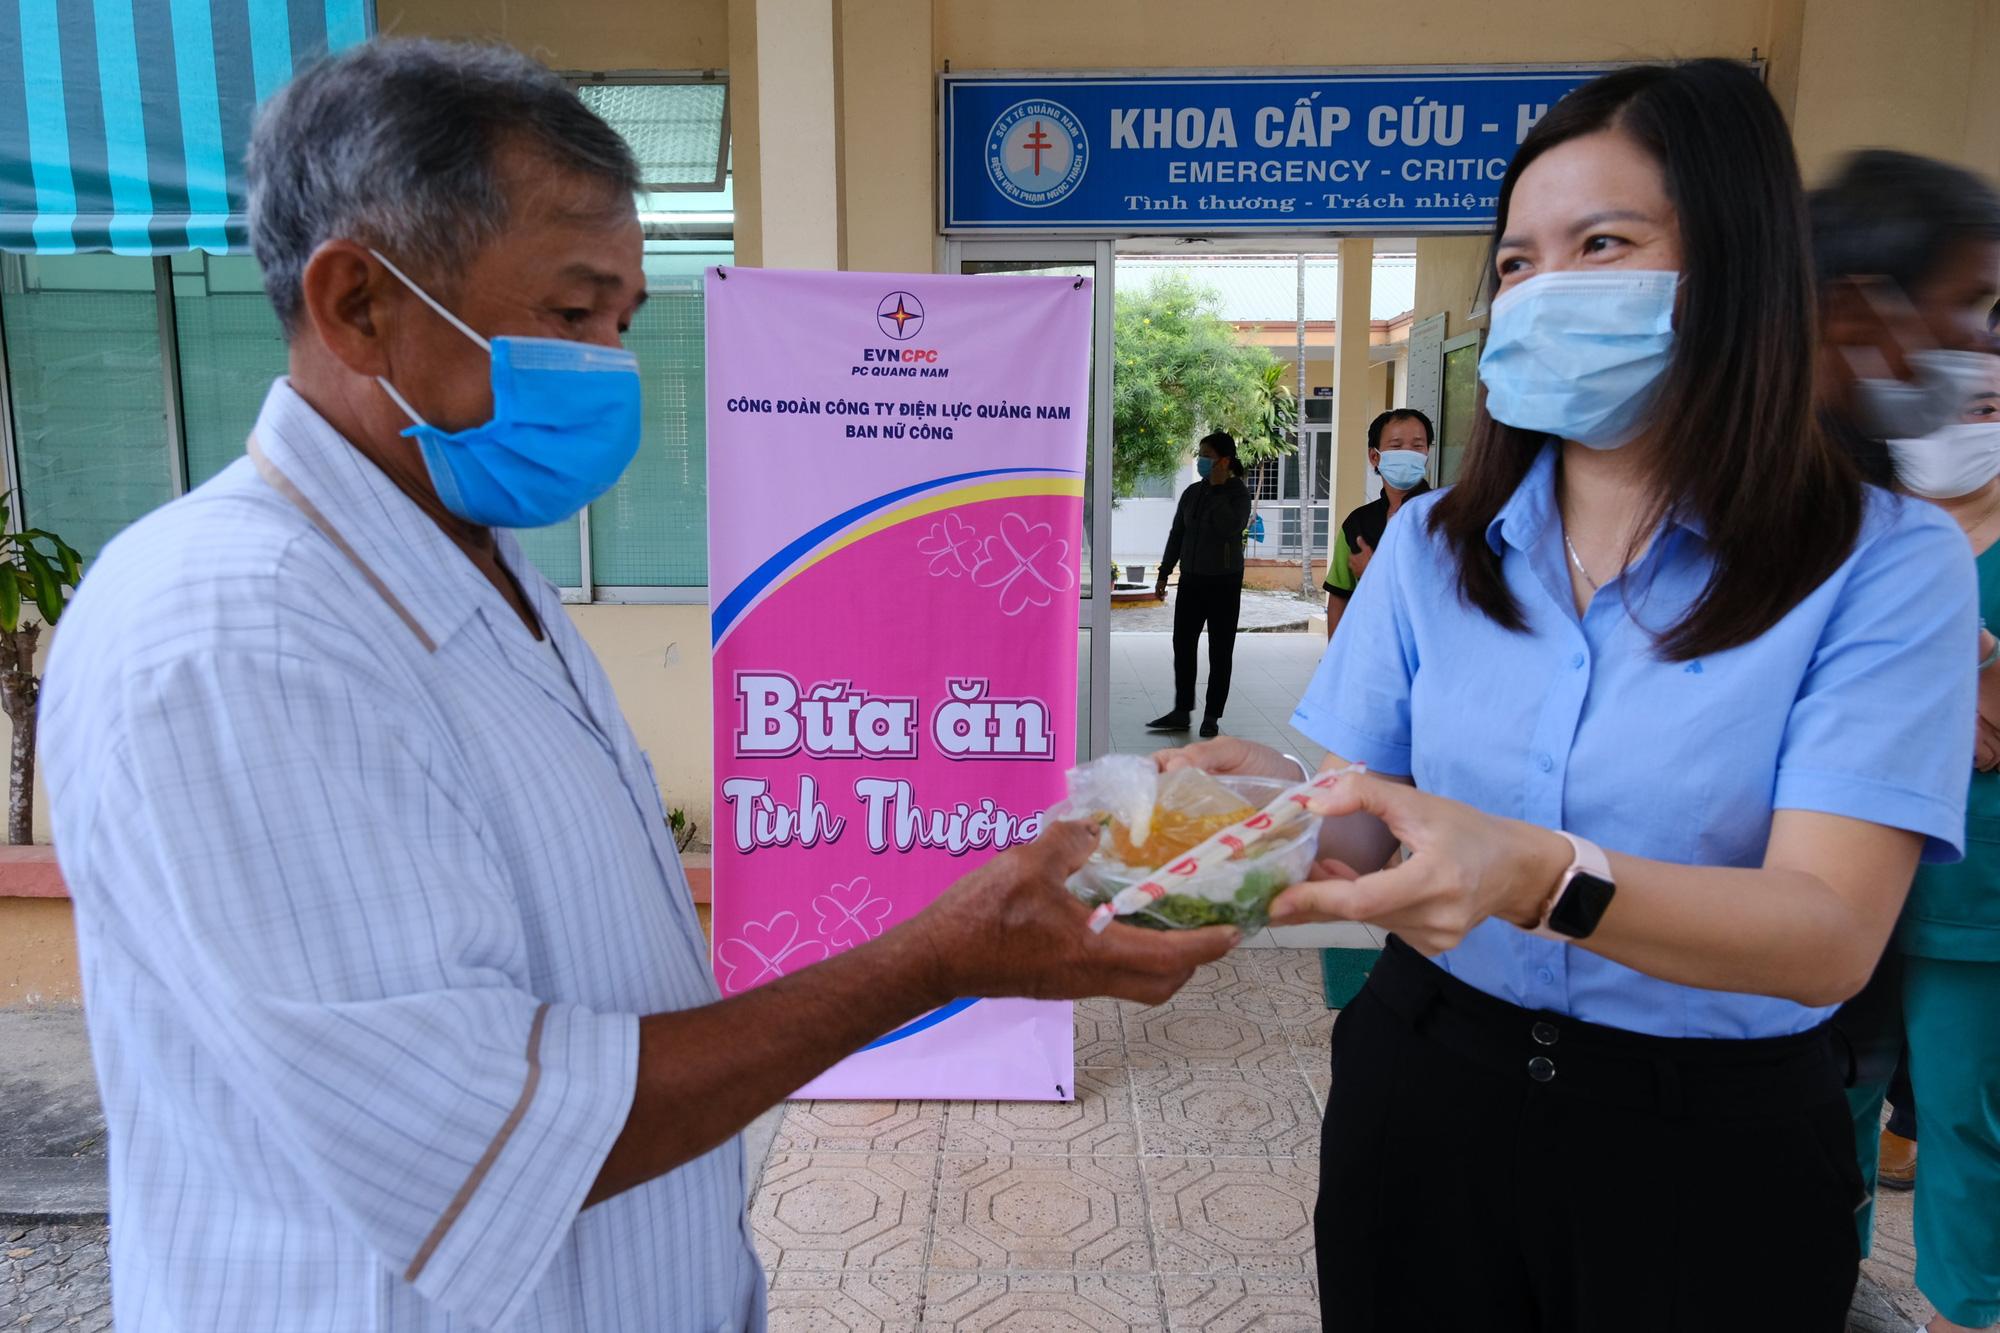 Quảng Nam: Công ty Điện lực trao 250 suất ăn cho bệnh nhân nghèo nhân ngày kỷ niệm phụ nữ 8/3 - Ảnh 3.